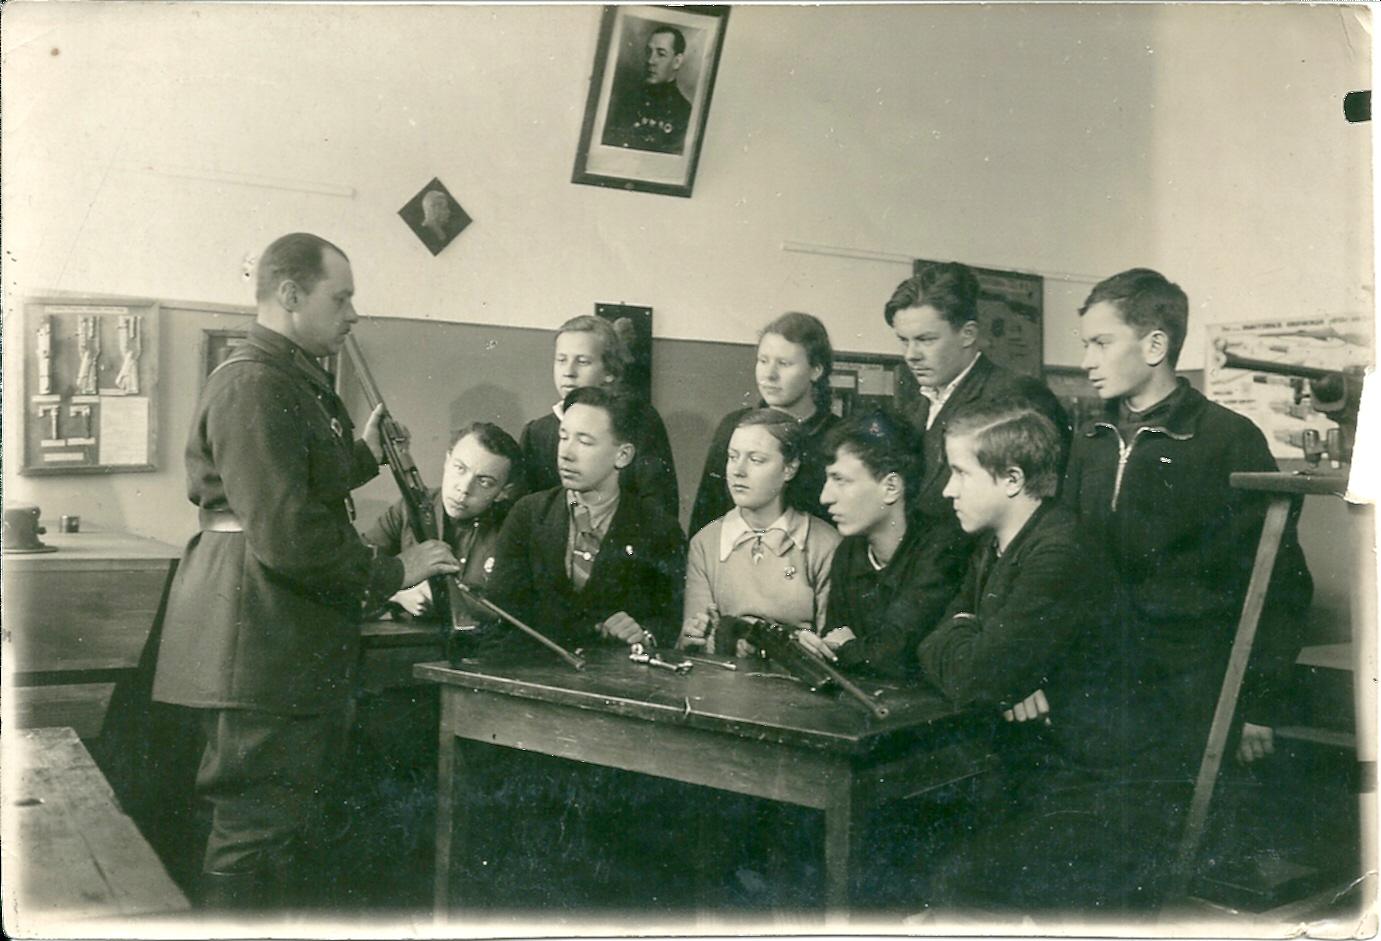 ок.1940 в школе 187 на уроке по военной подготовке.jpg